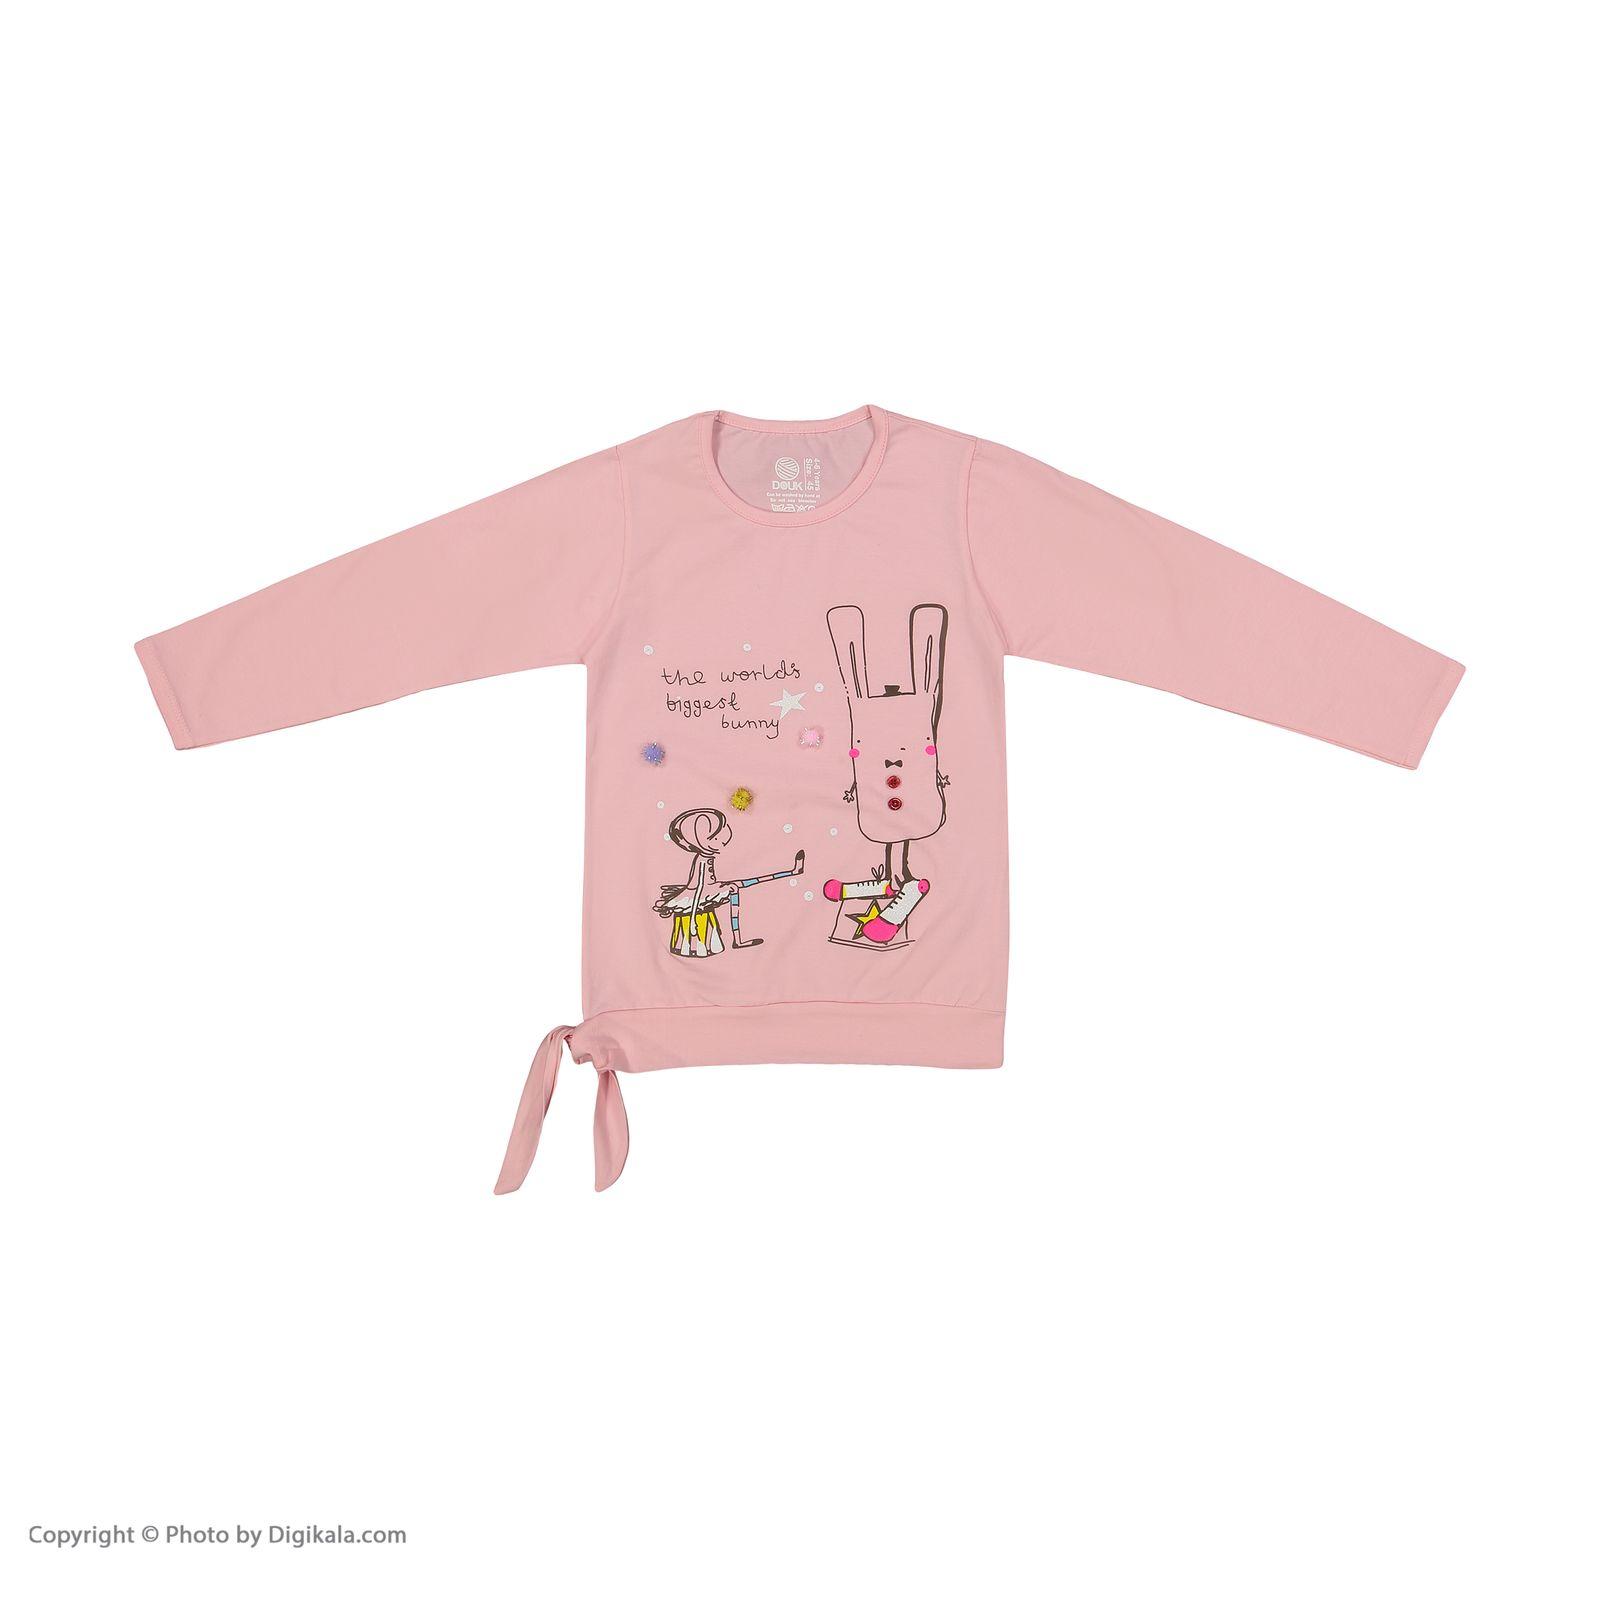 تی شرت دخترانه سون پون مدل 1391358-21 -  - 3